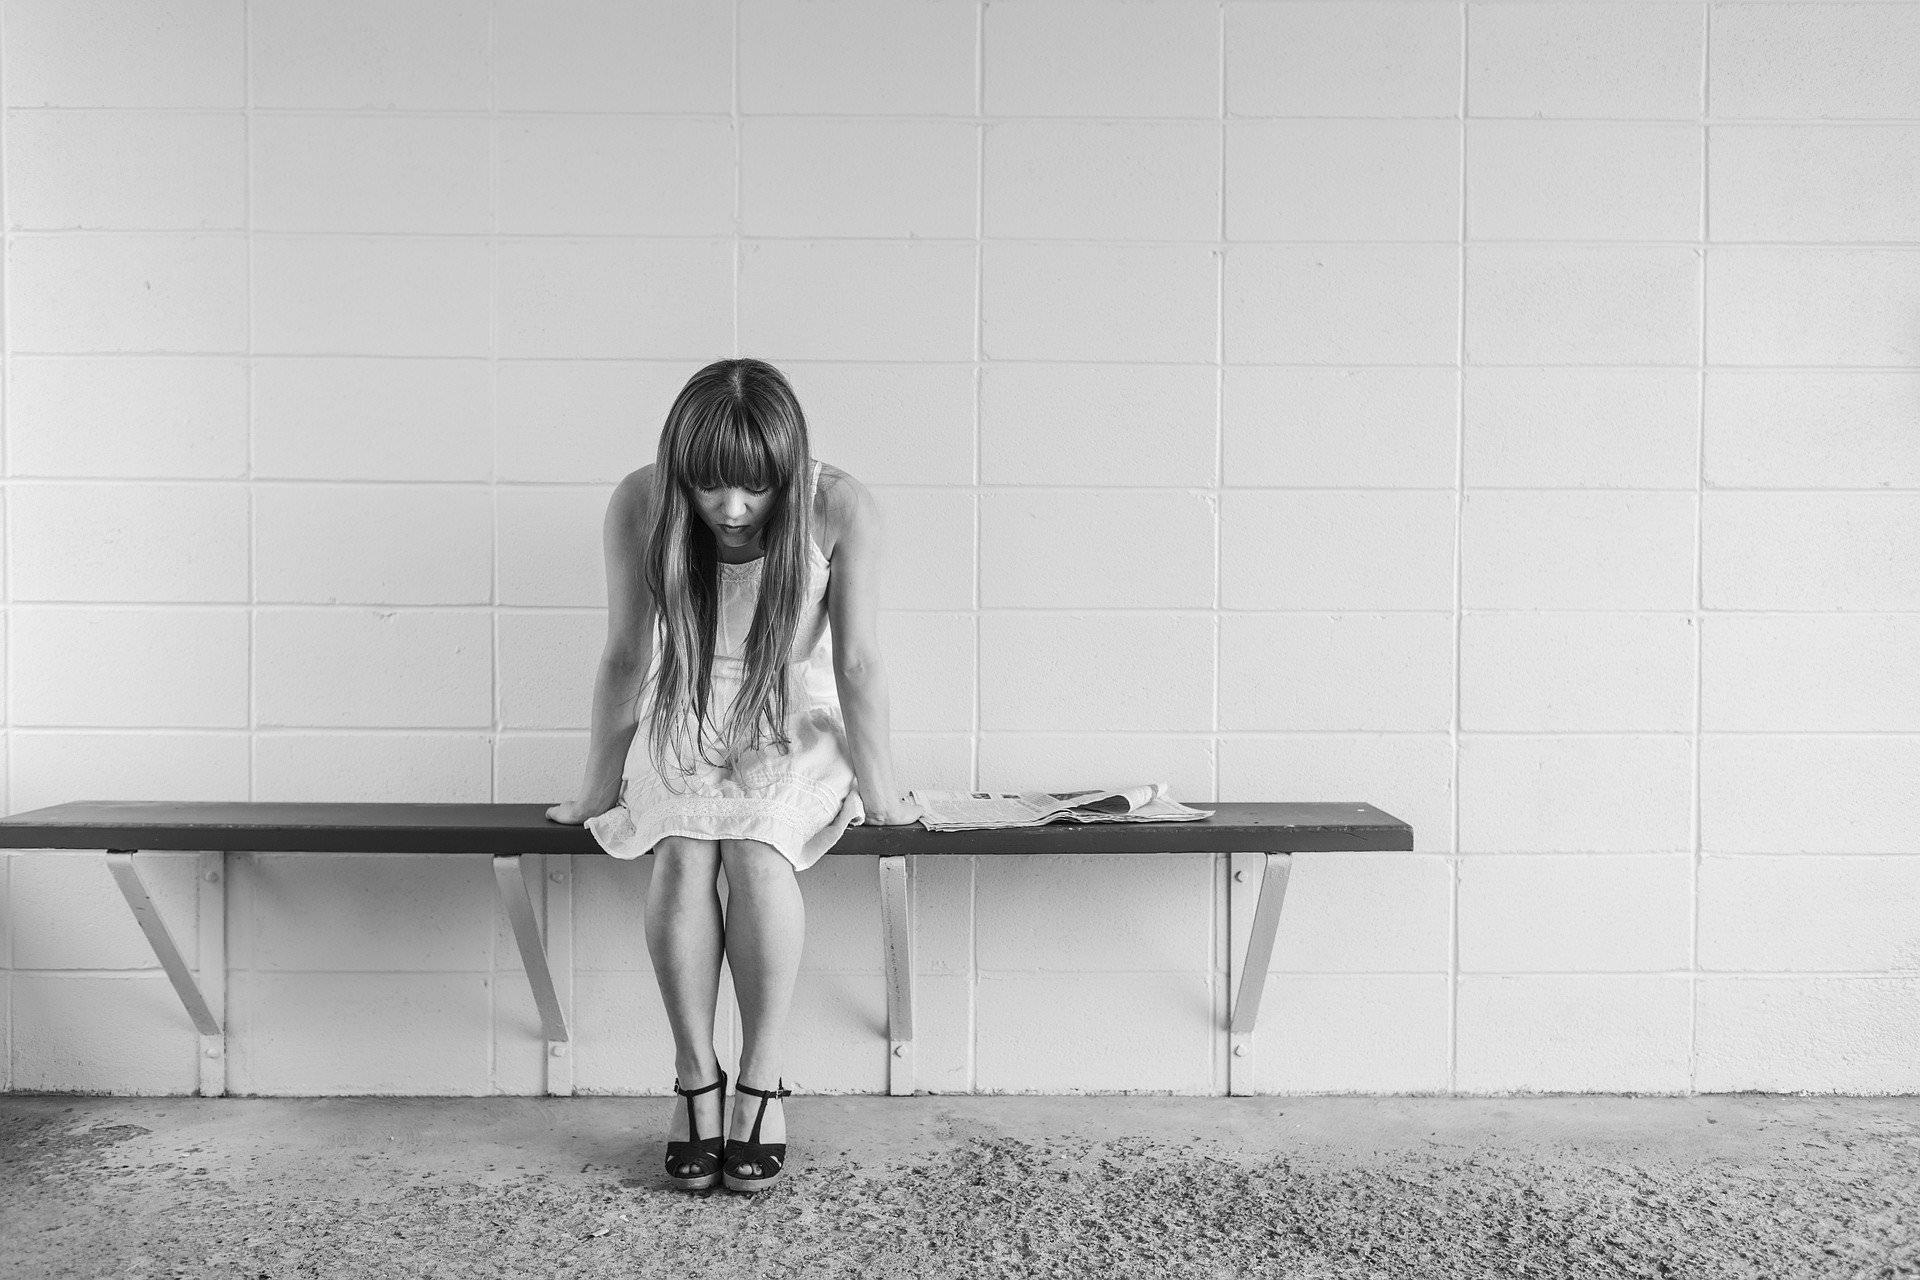 【悲報】結婚して仕事を辞めたい女性は離婚率が高い